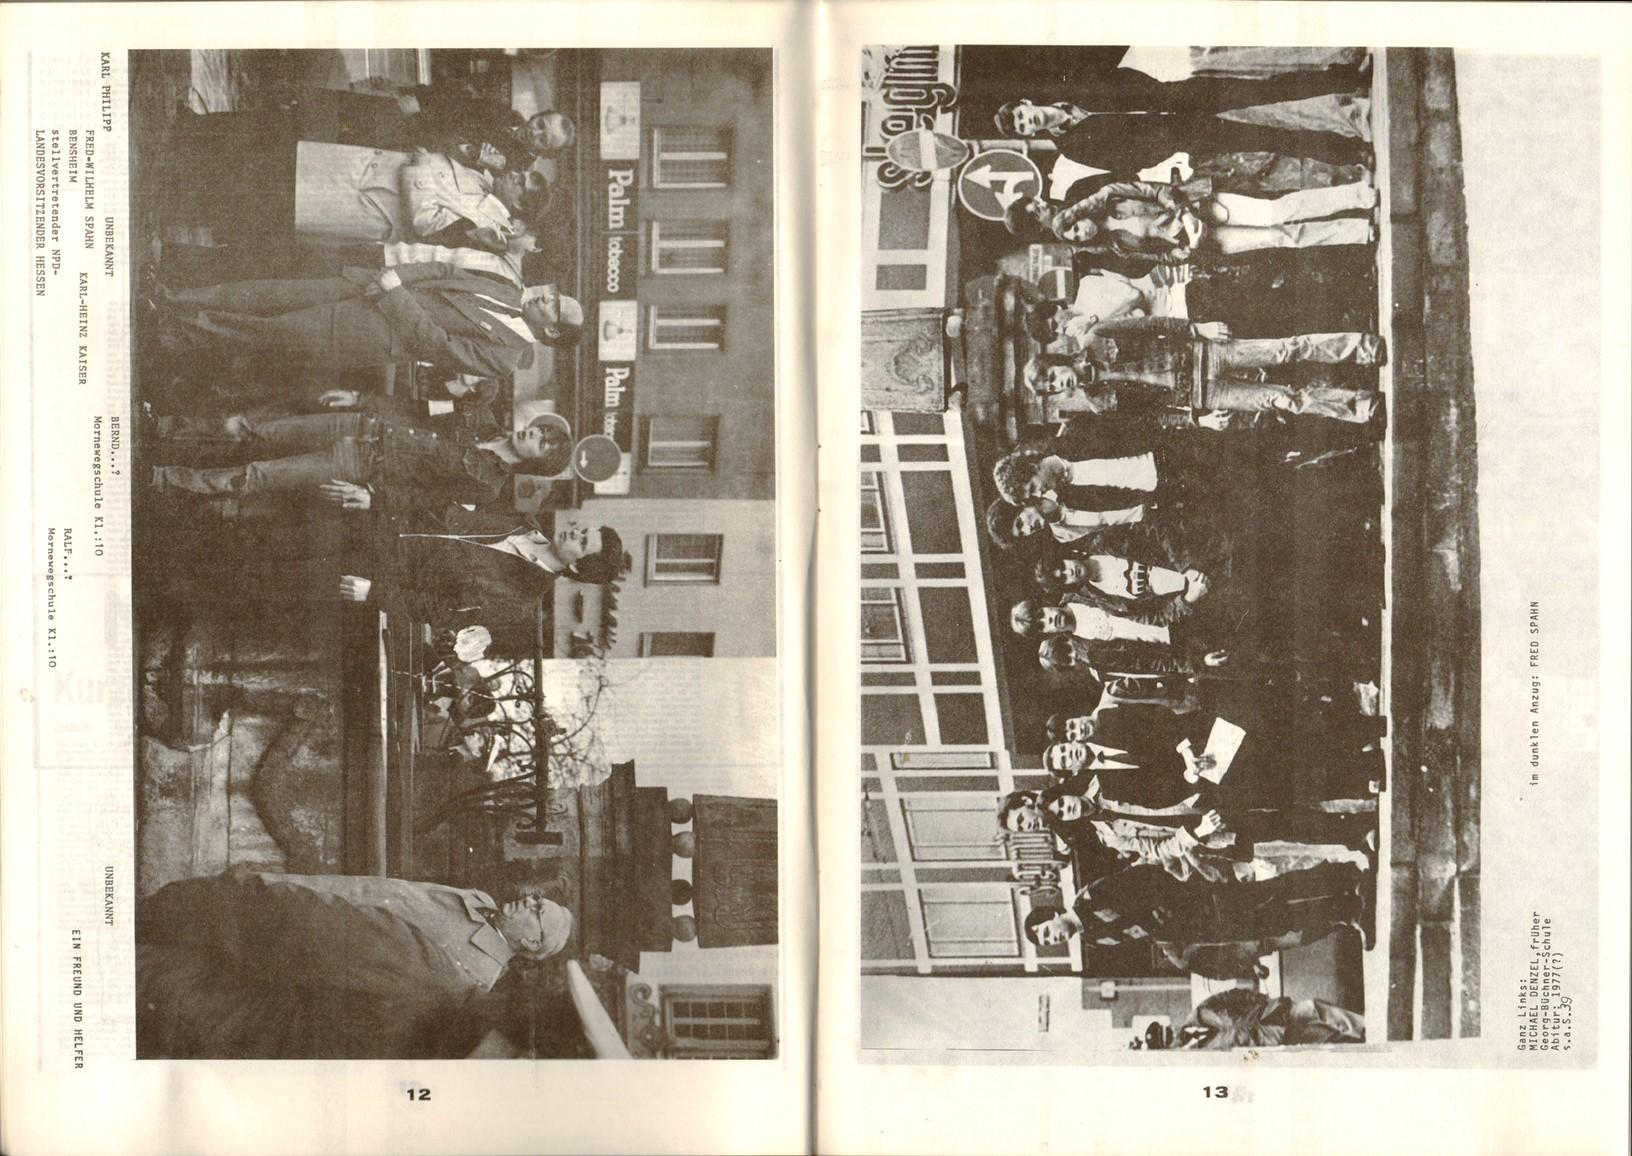 Darmstadt_KB_1979_Faschisten_und_ihr_Umfeld_08